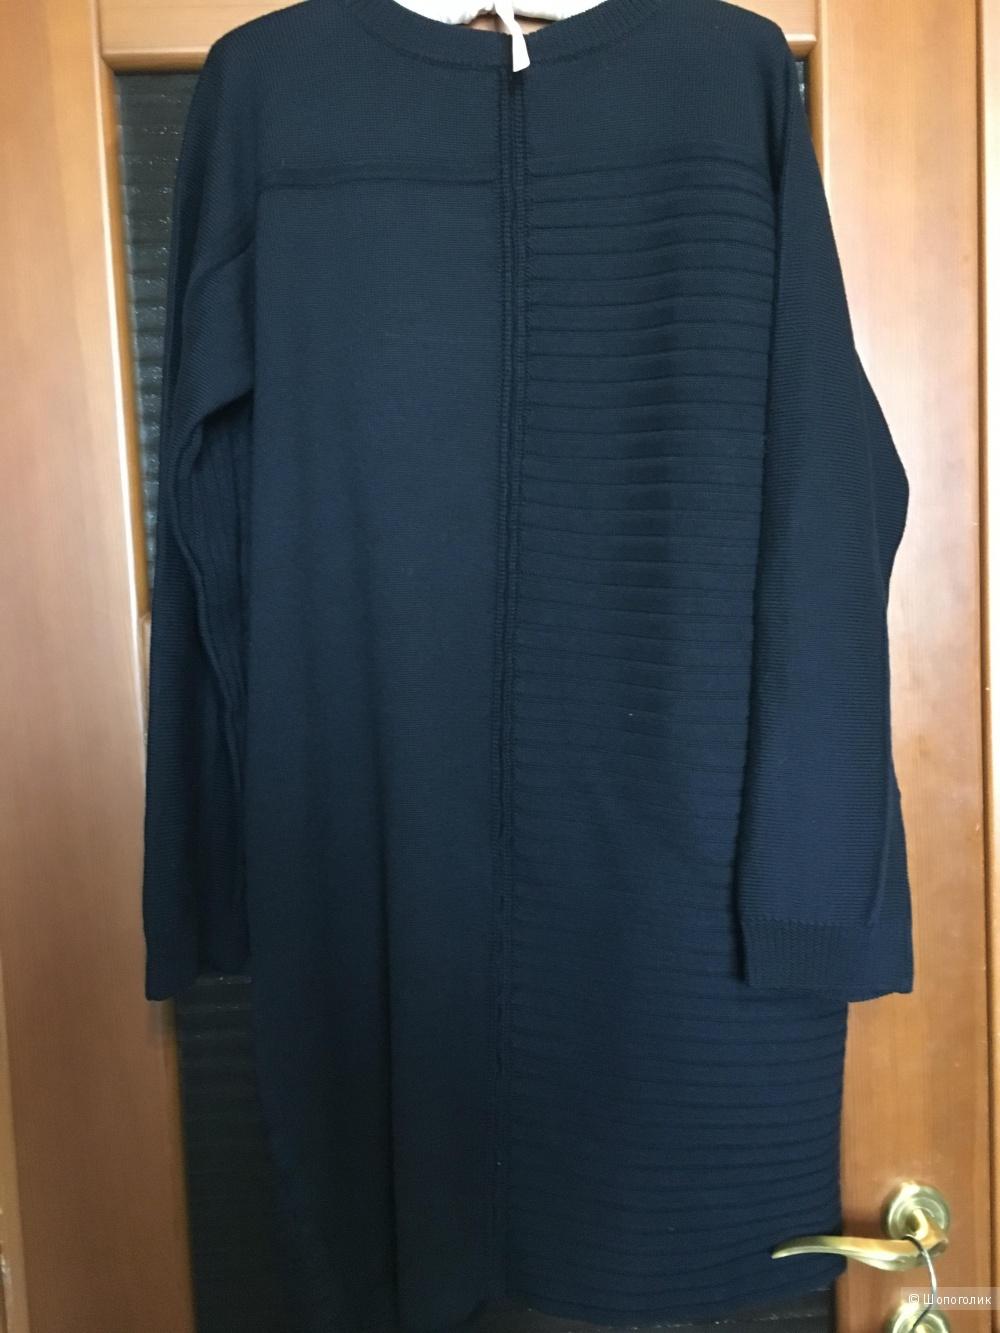 Теплое платье из шерсти мериноса ALPHA STUDIO, 50 (Рос. р-р), 48 (IT) Темно-синий